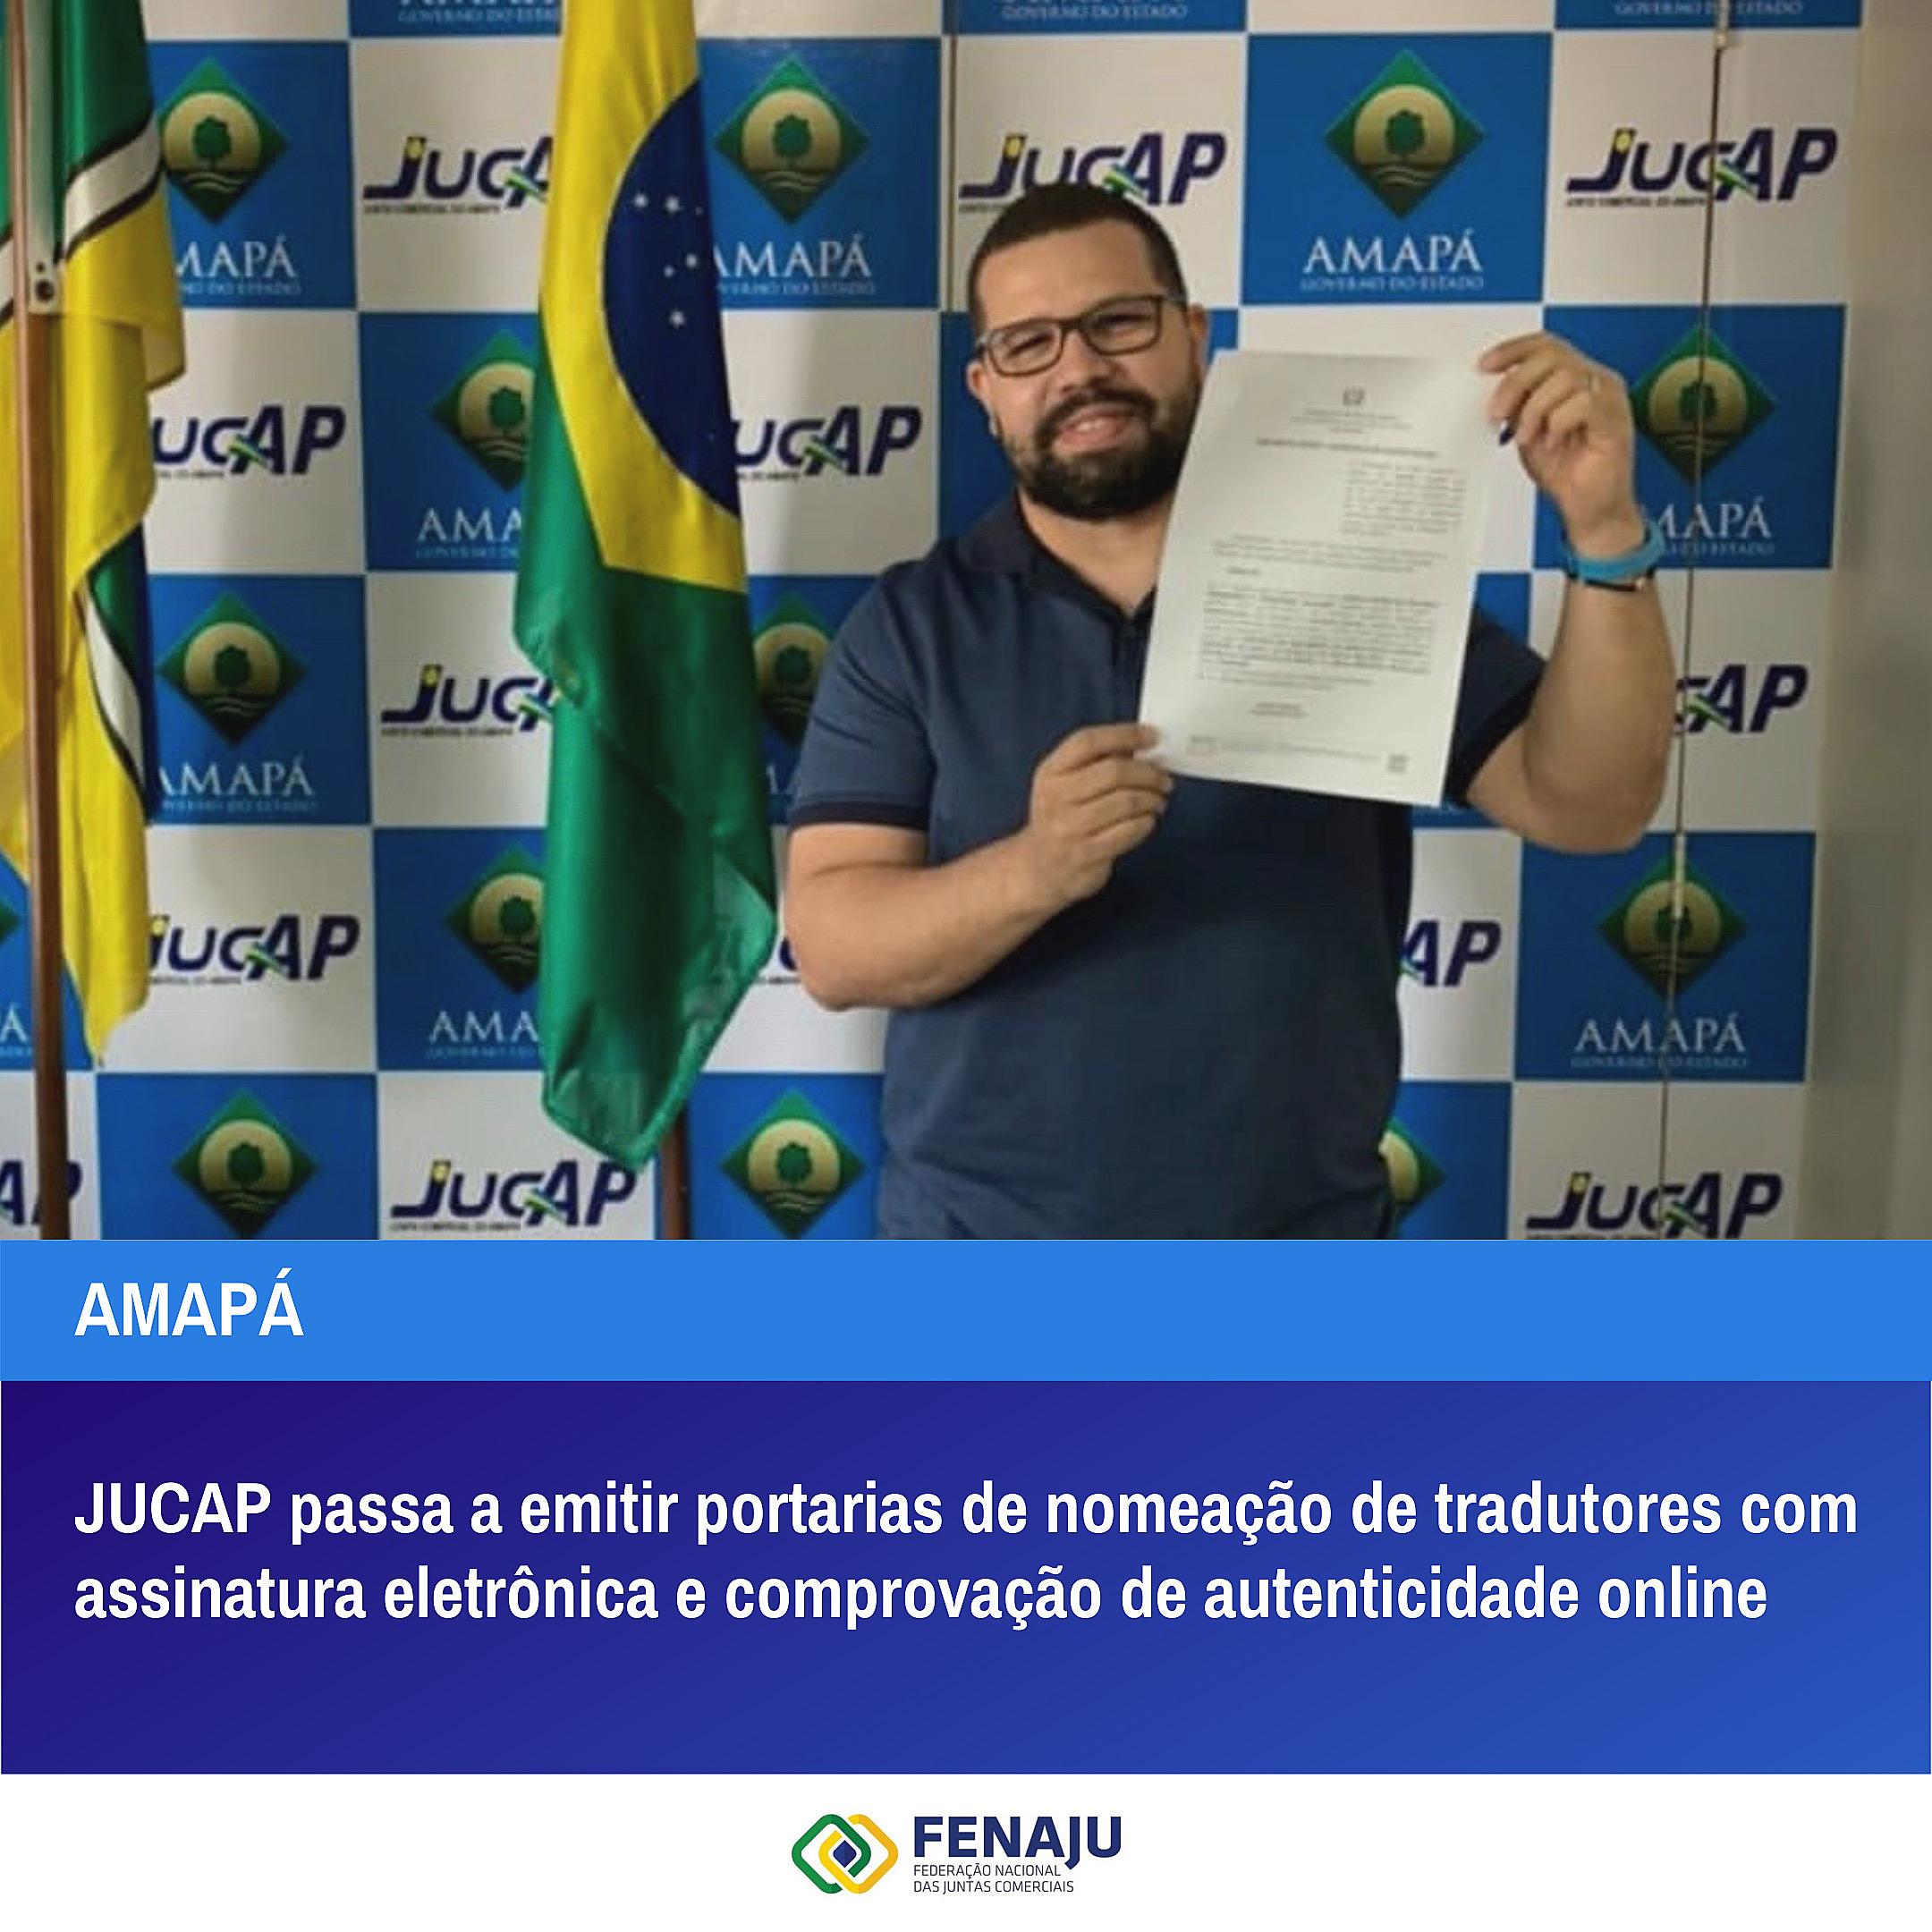 You are currently viewing JUCAP passa a emitir portarias de nomeação de tradutores com assinatura eletrônica e comprovação de autenticidade online